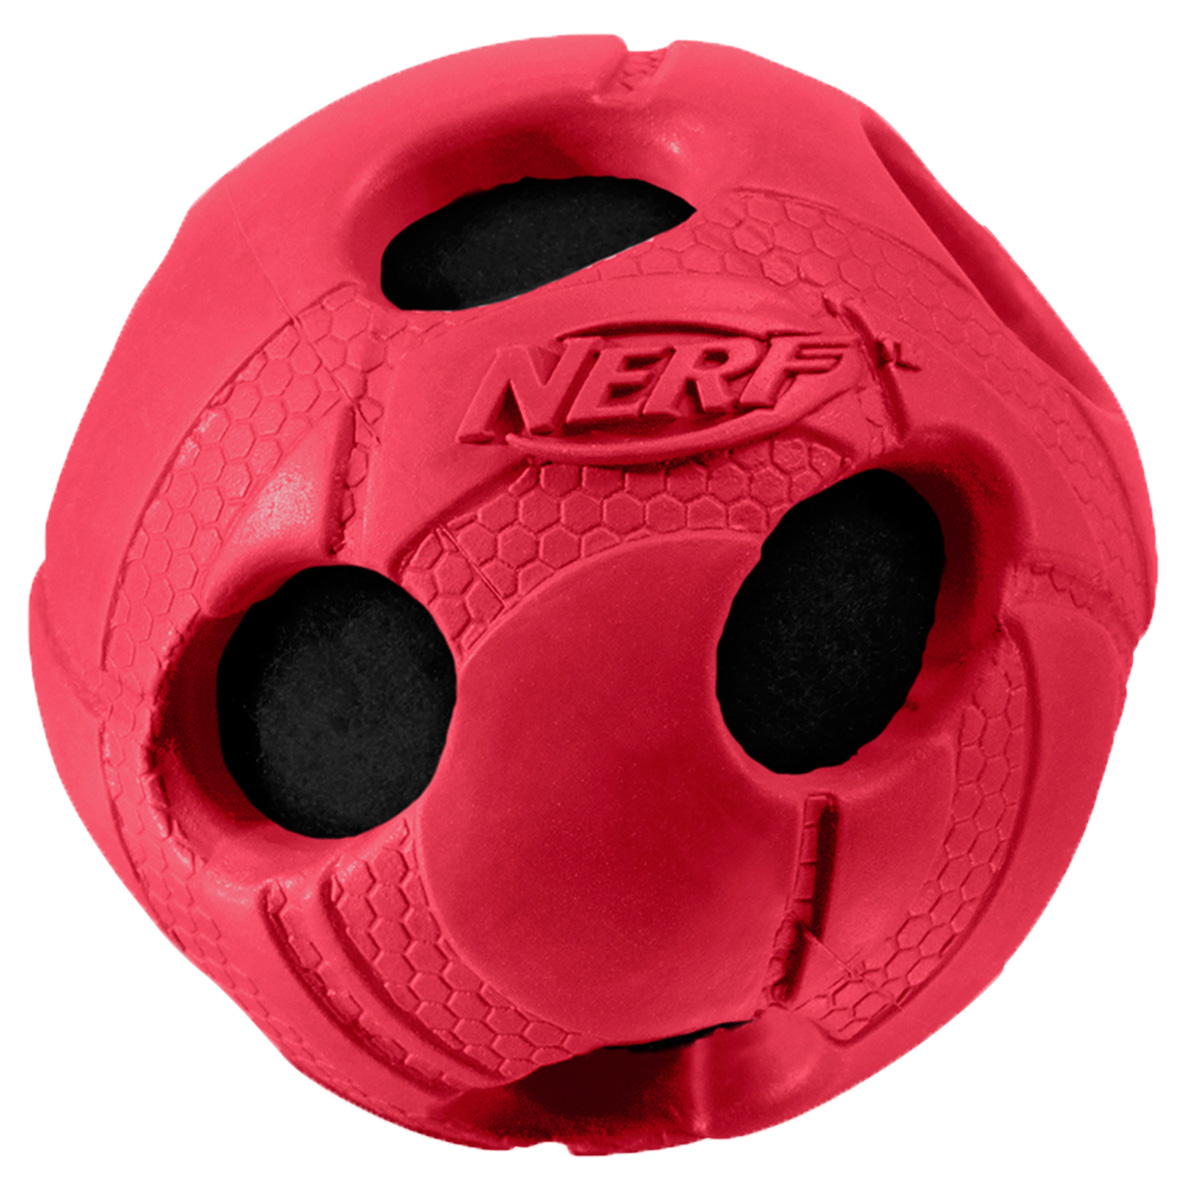 Игрушка для собак Nerf Мяч, с отверстиями, цвет: красный, 5 см цена